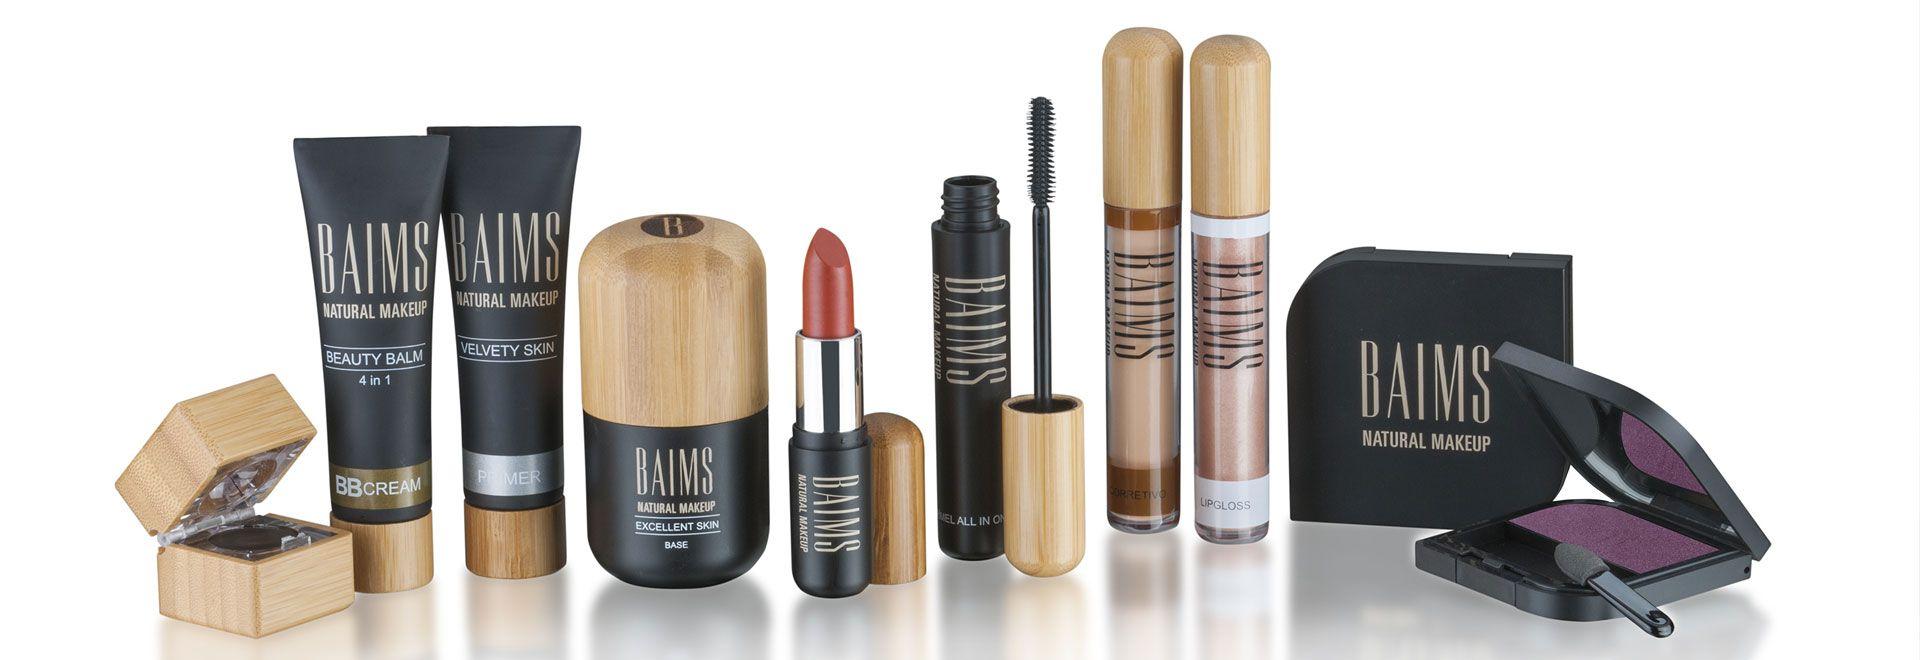 BAIMS Makeup orgânico